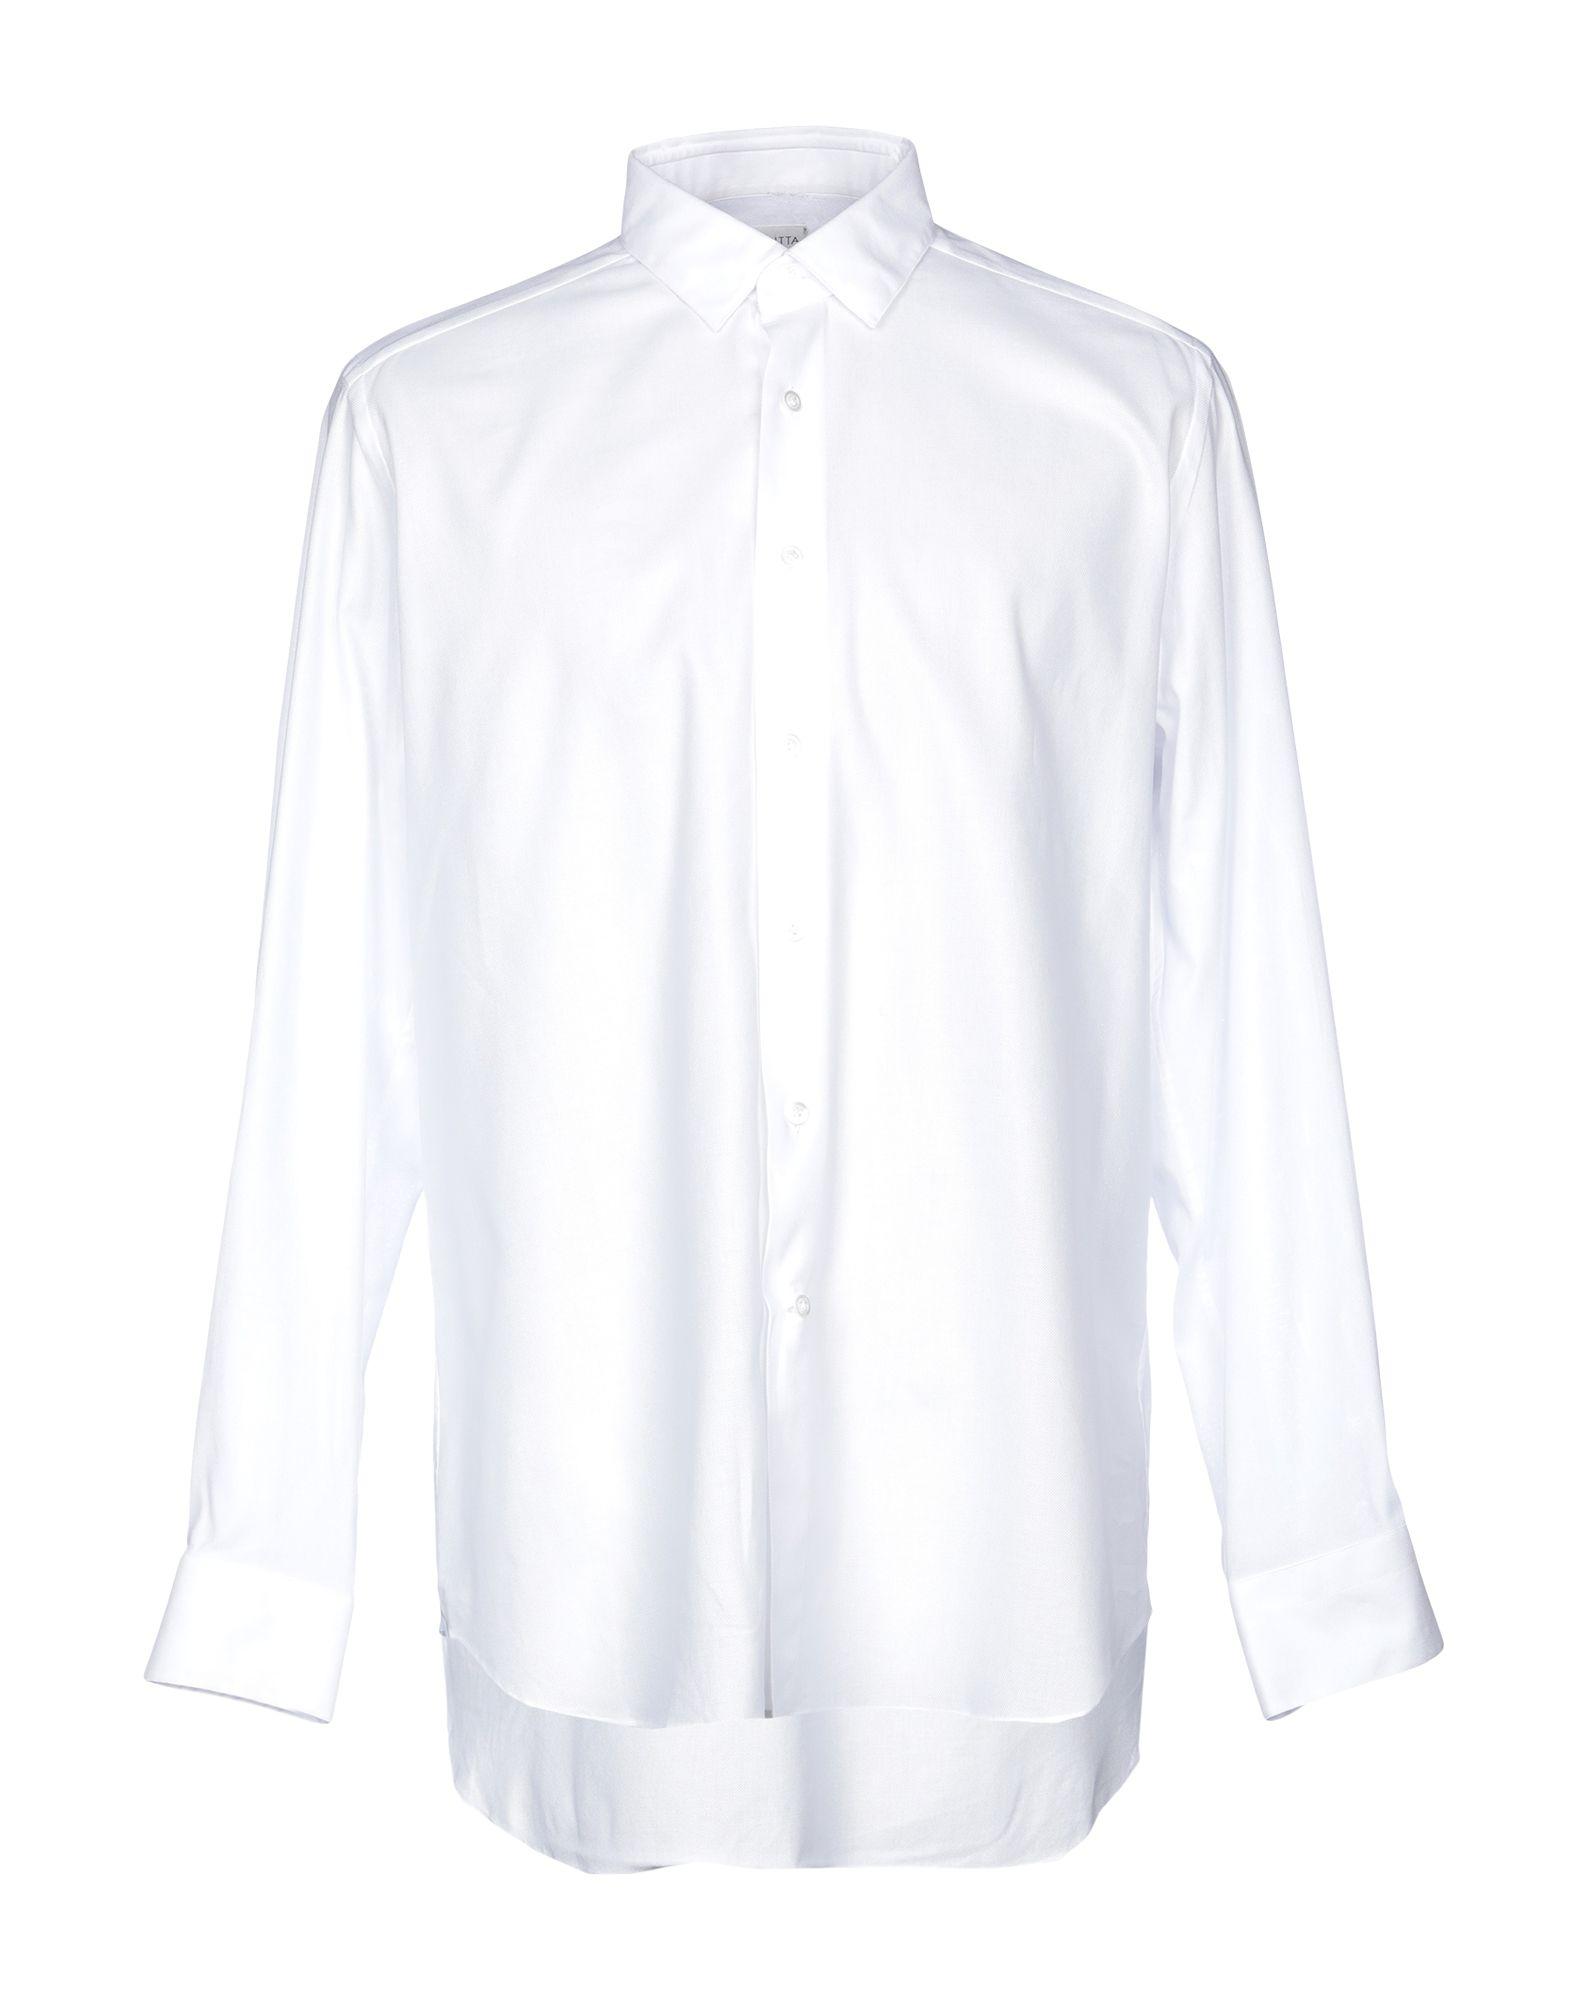 《送料無料》BAGUTTA メンズ シャツ ホワイト 43 コットン 100%